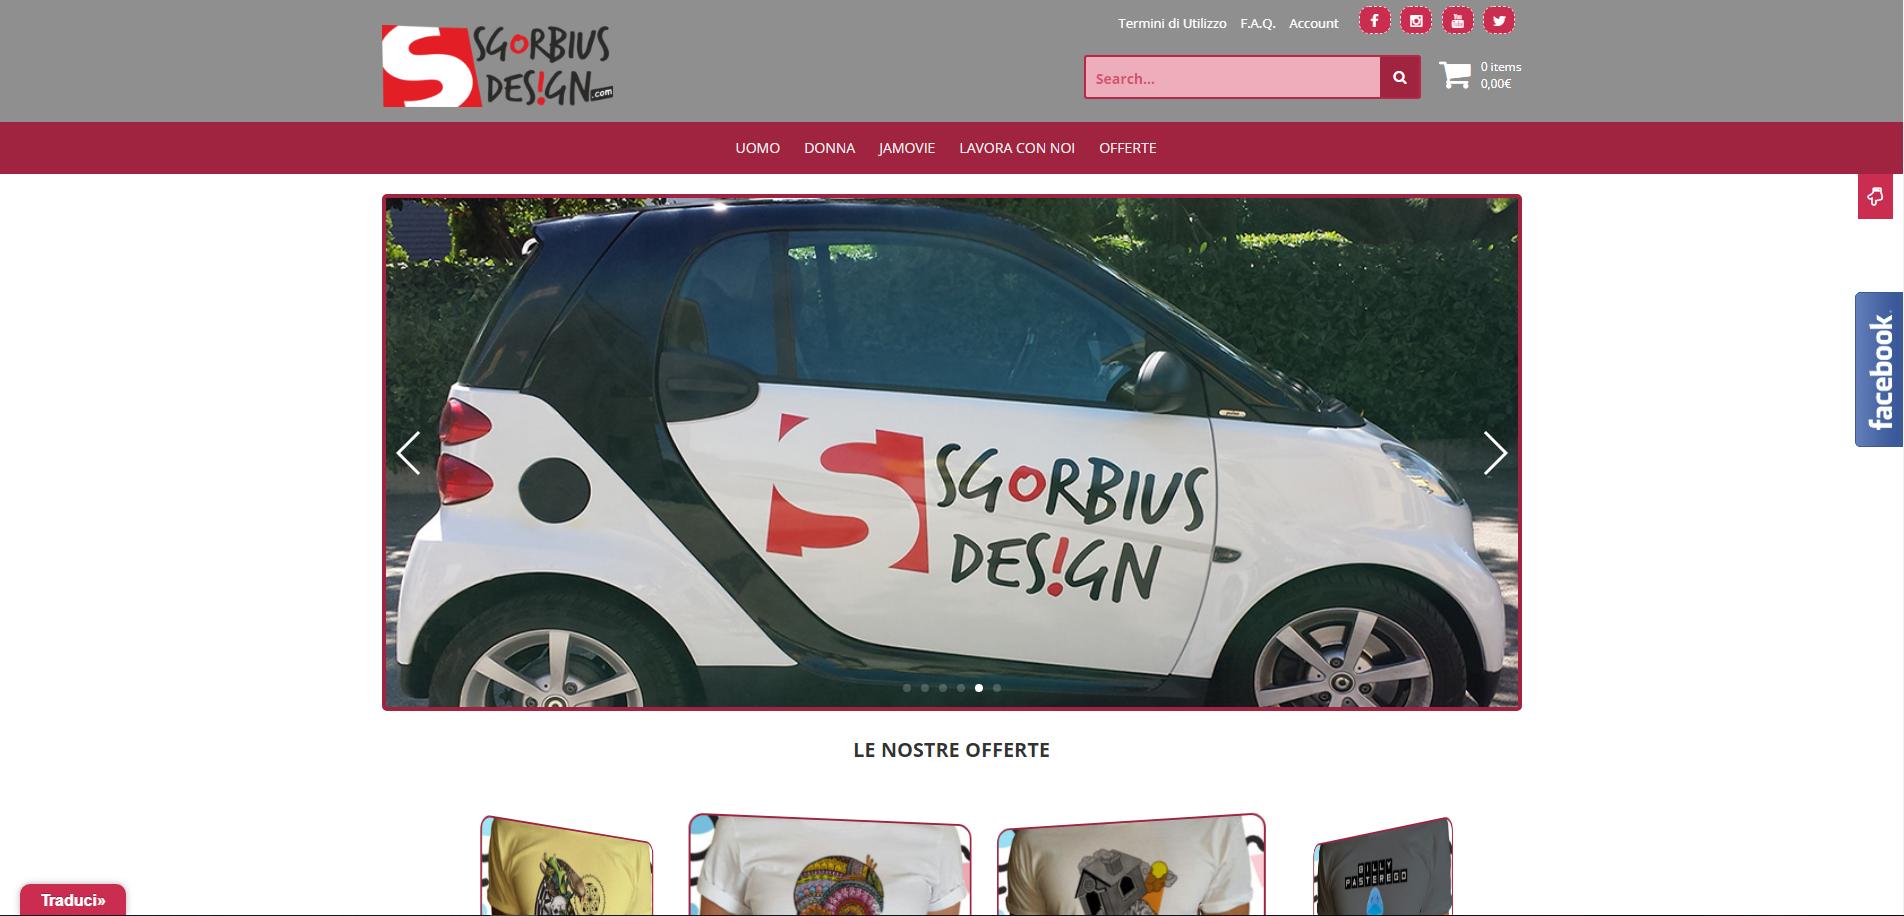 Sgorbius Design